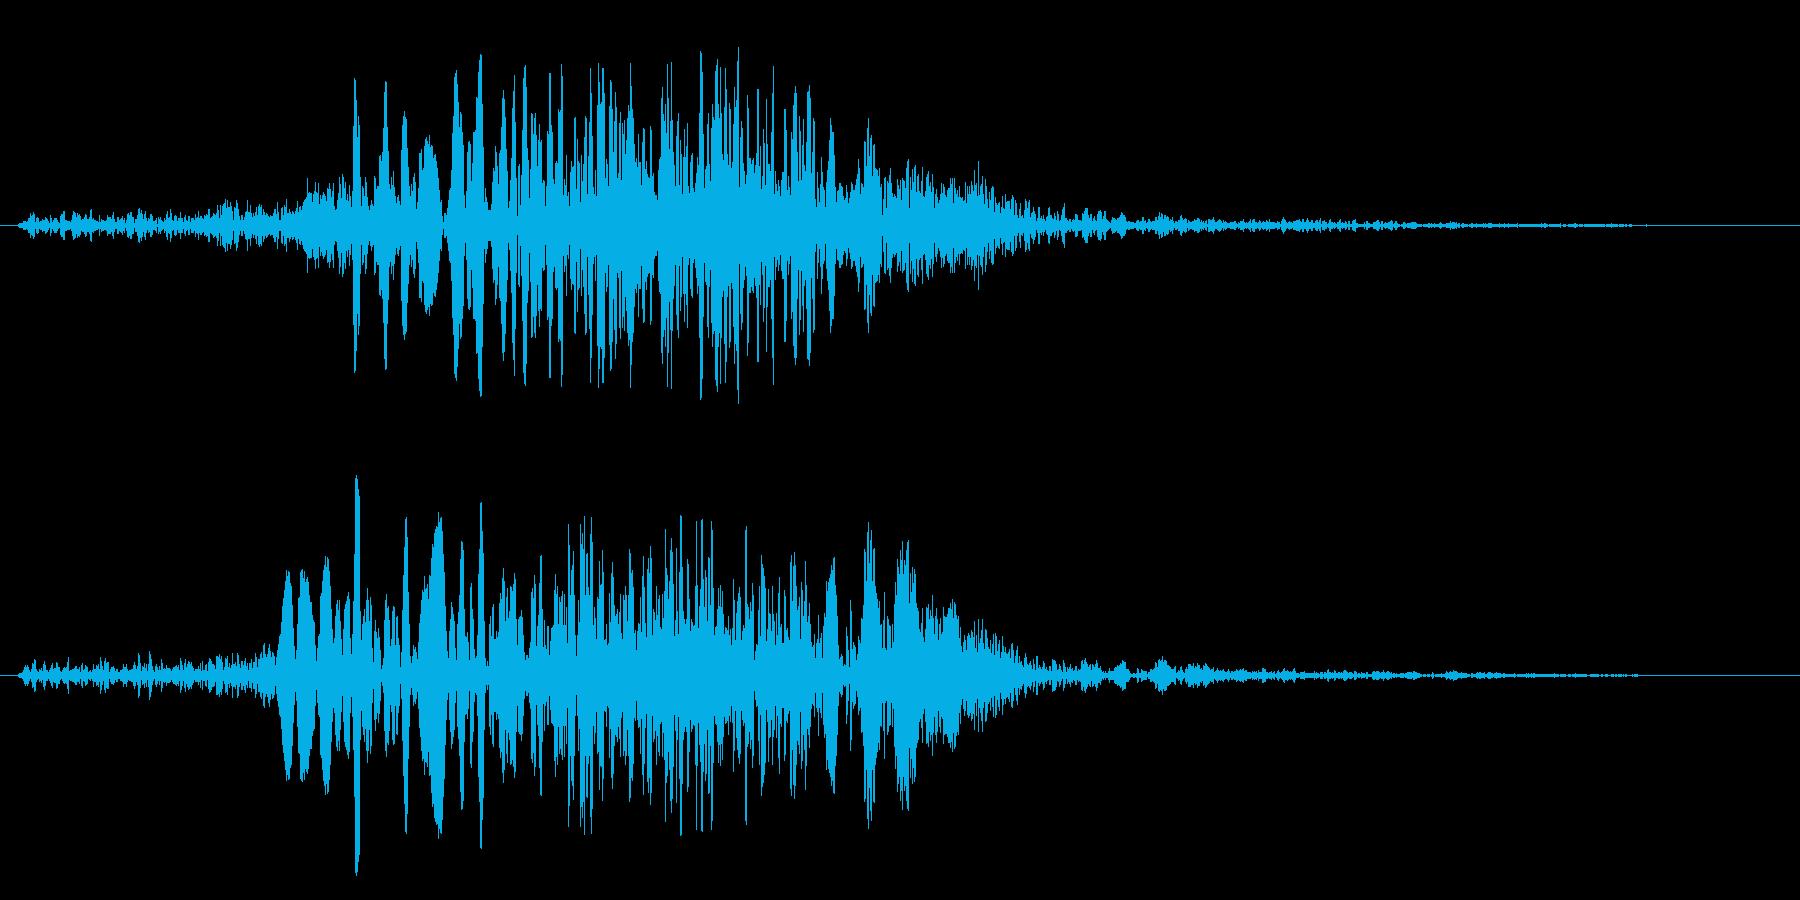 時代劇の合戦シーンの効果音の再生済みの波形